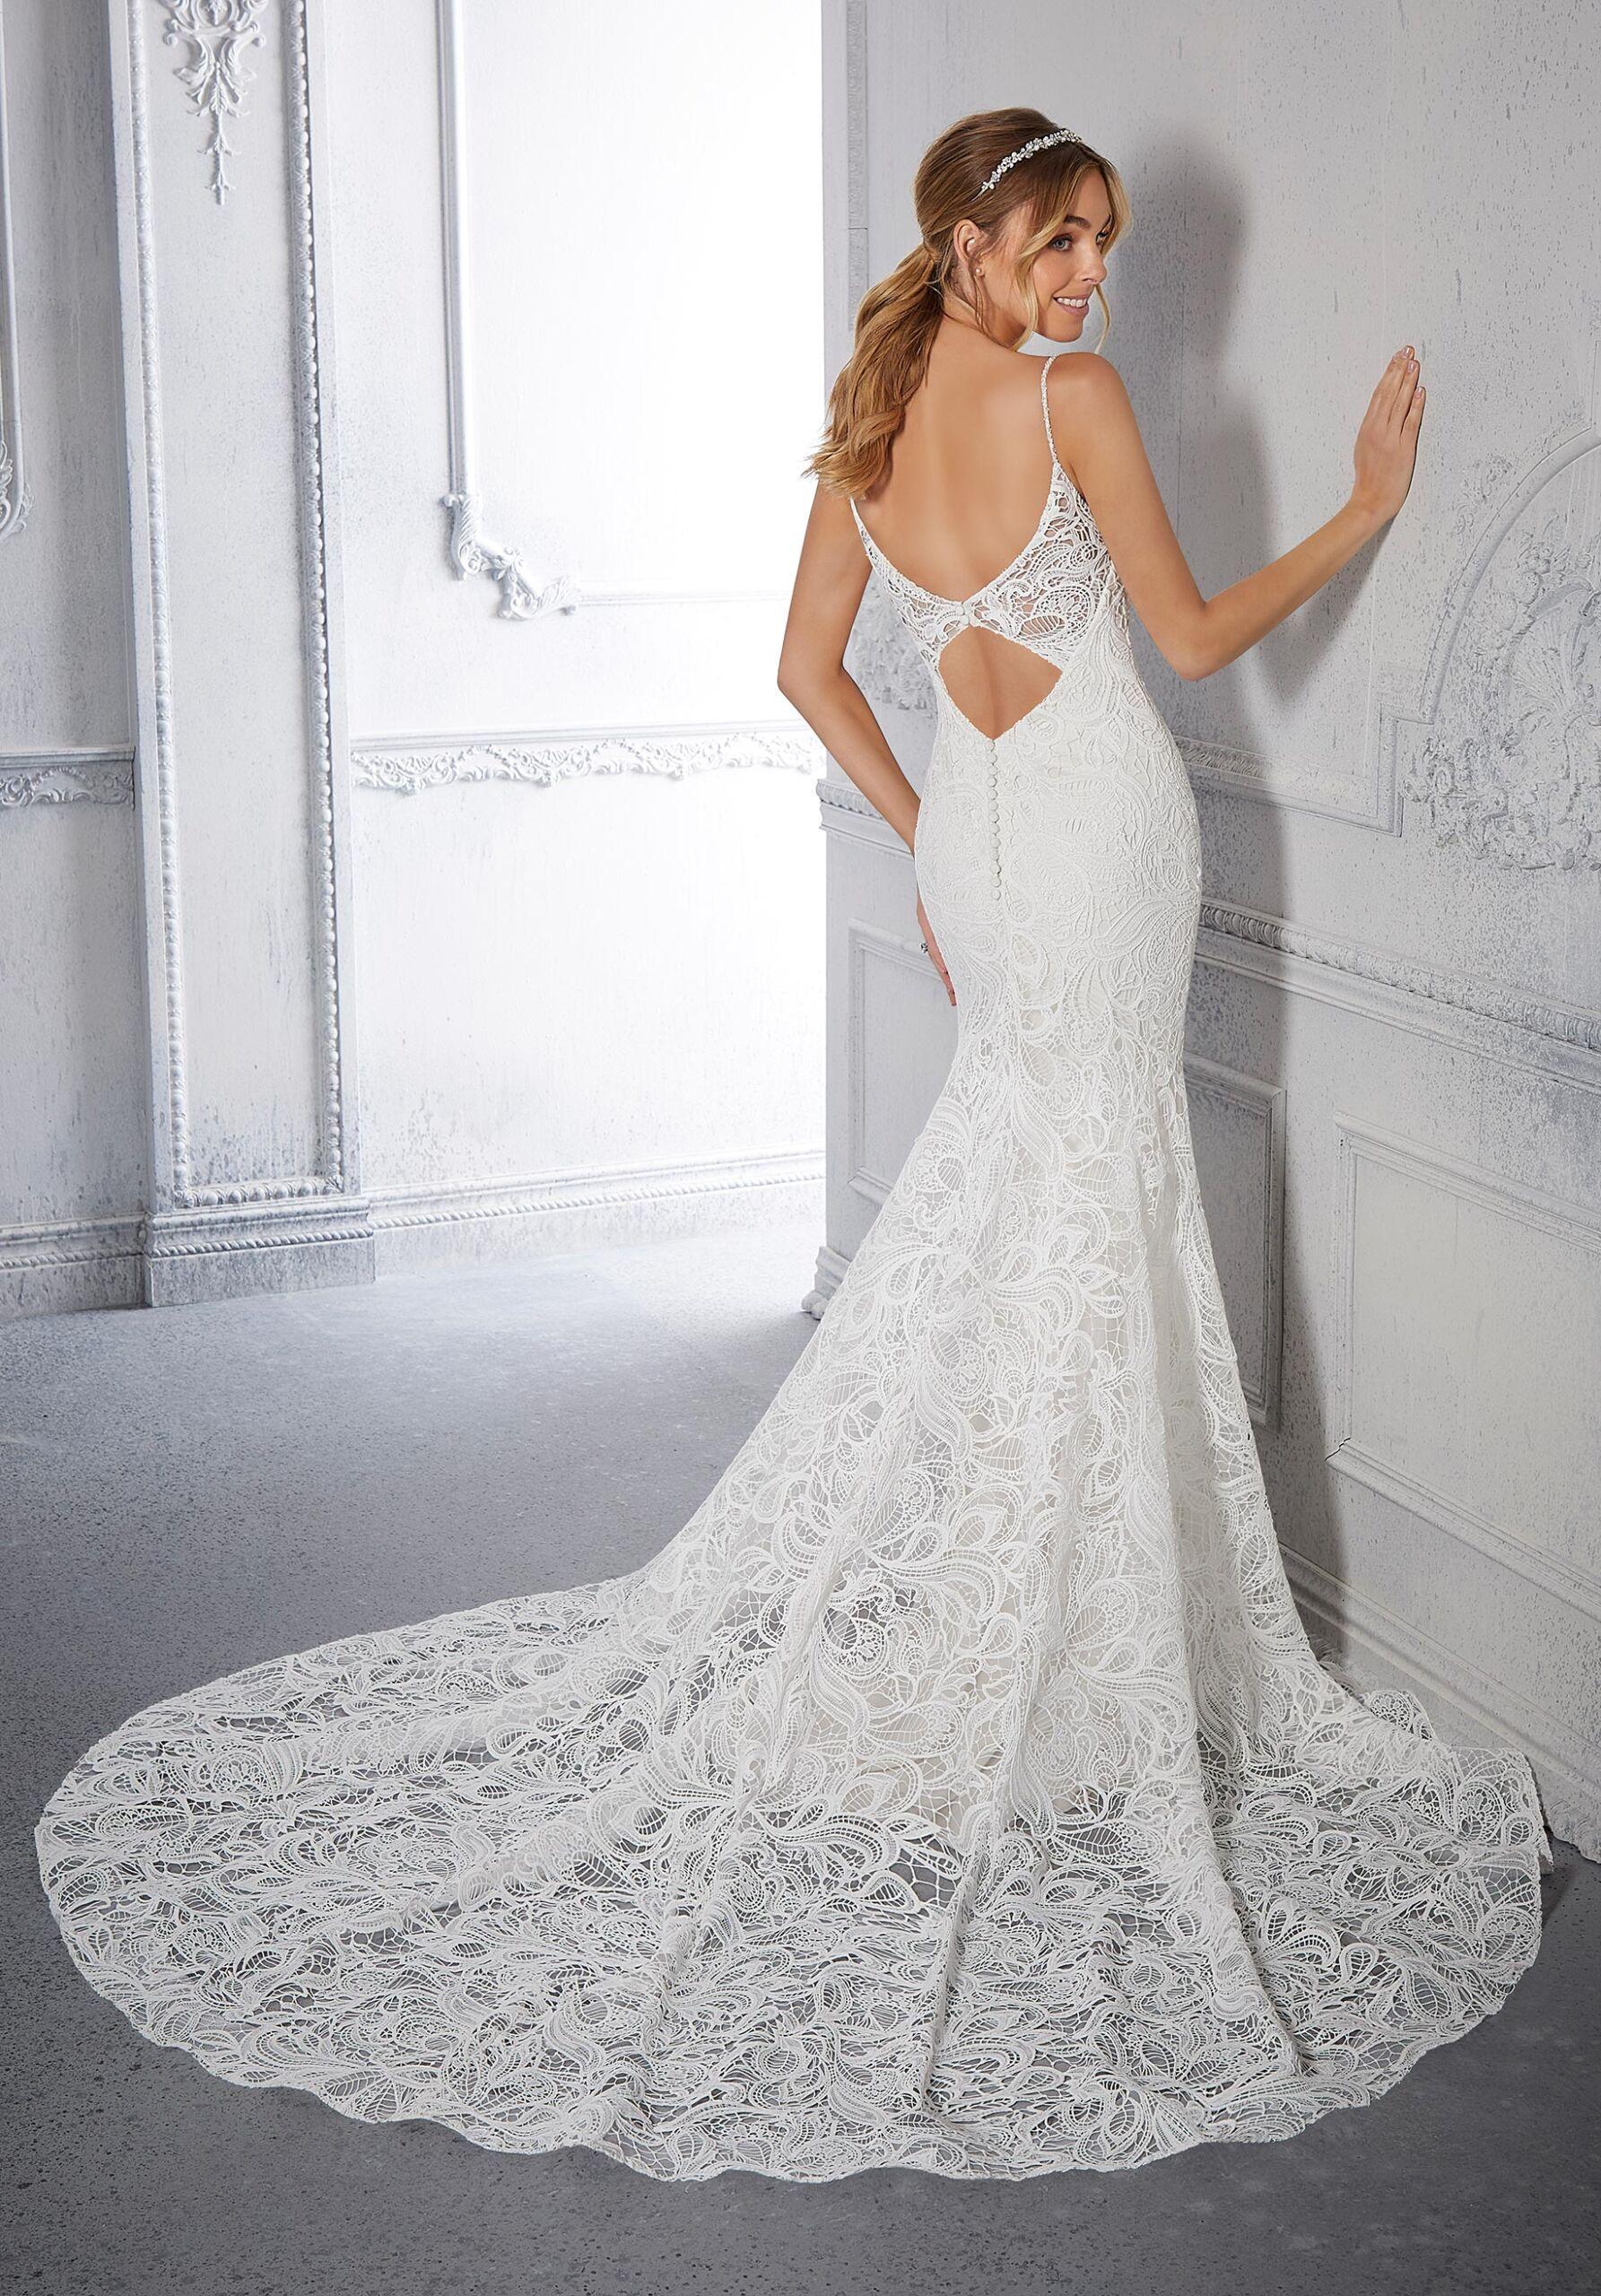 morilee-bridal-gown-02.jpg